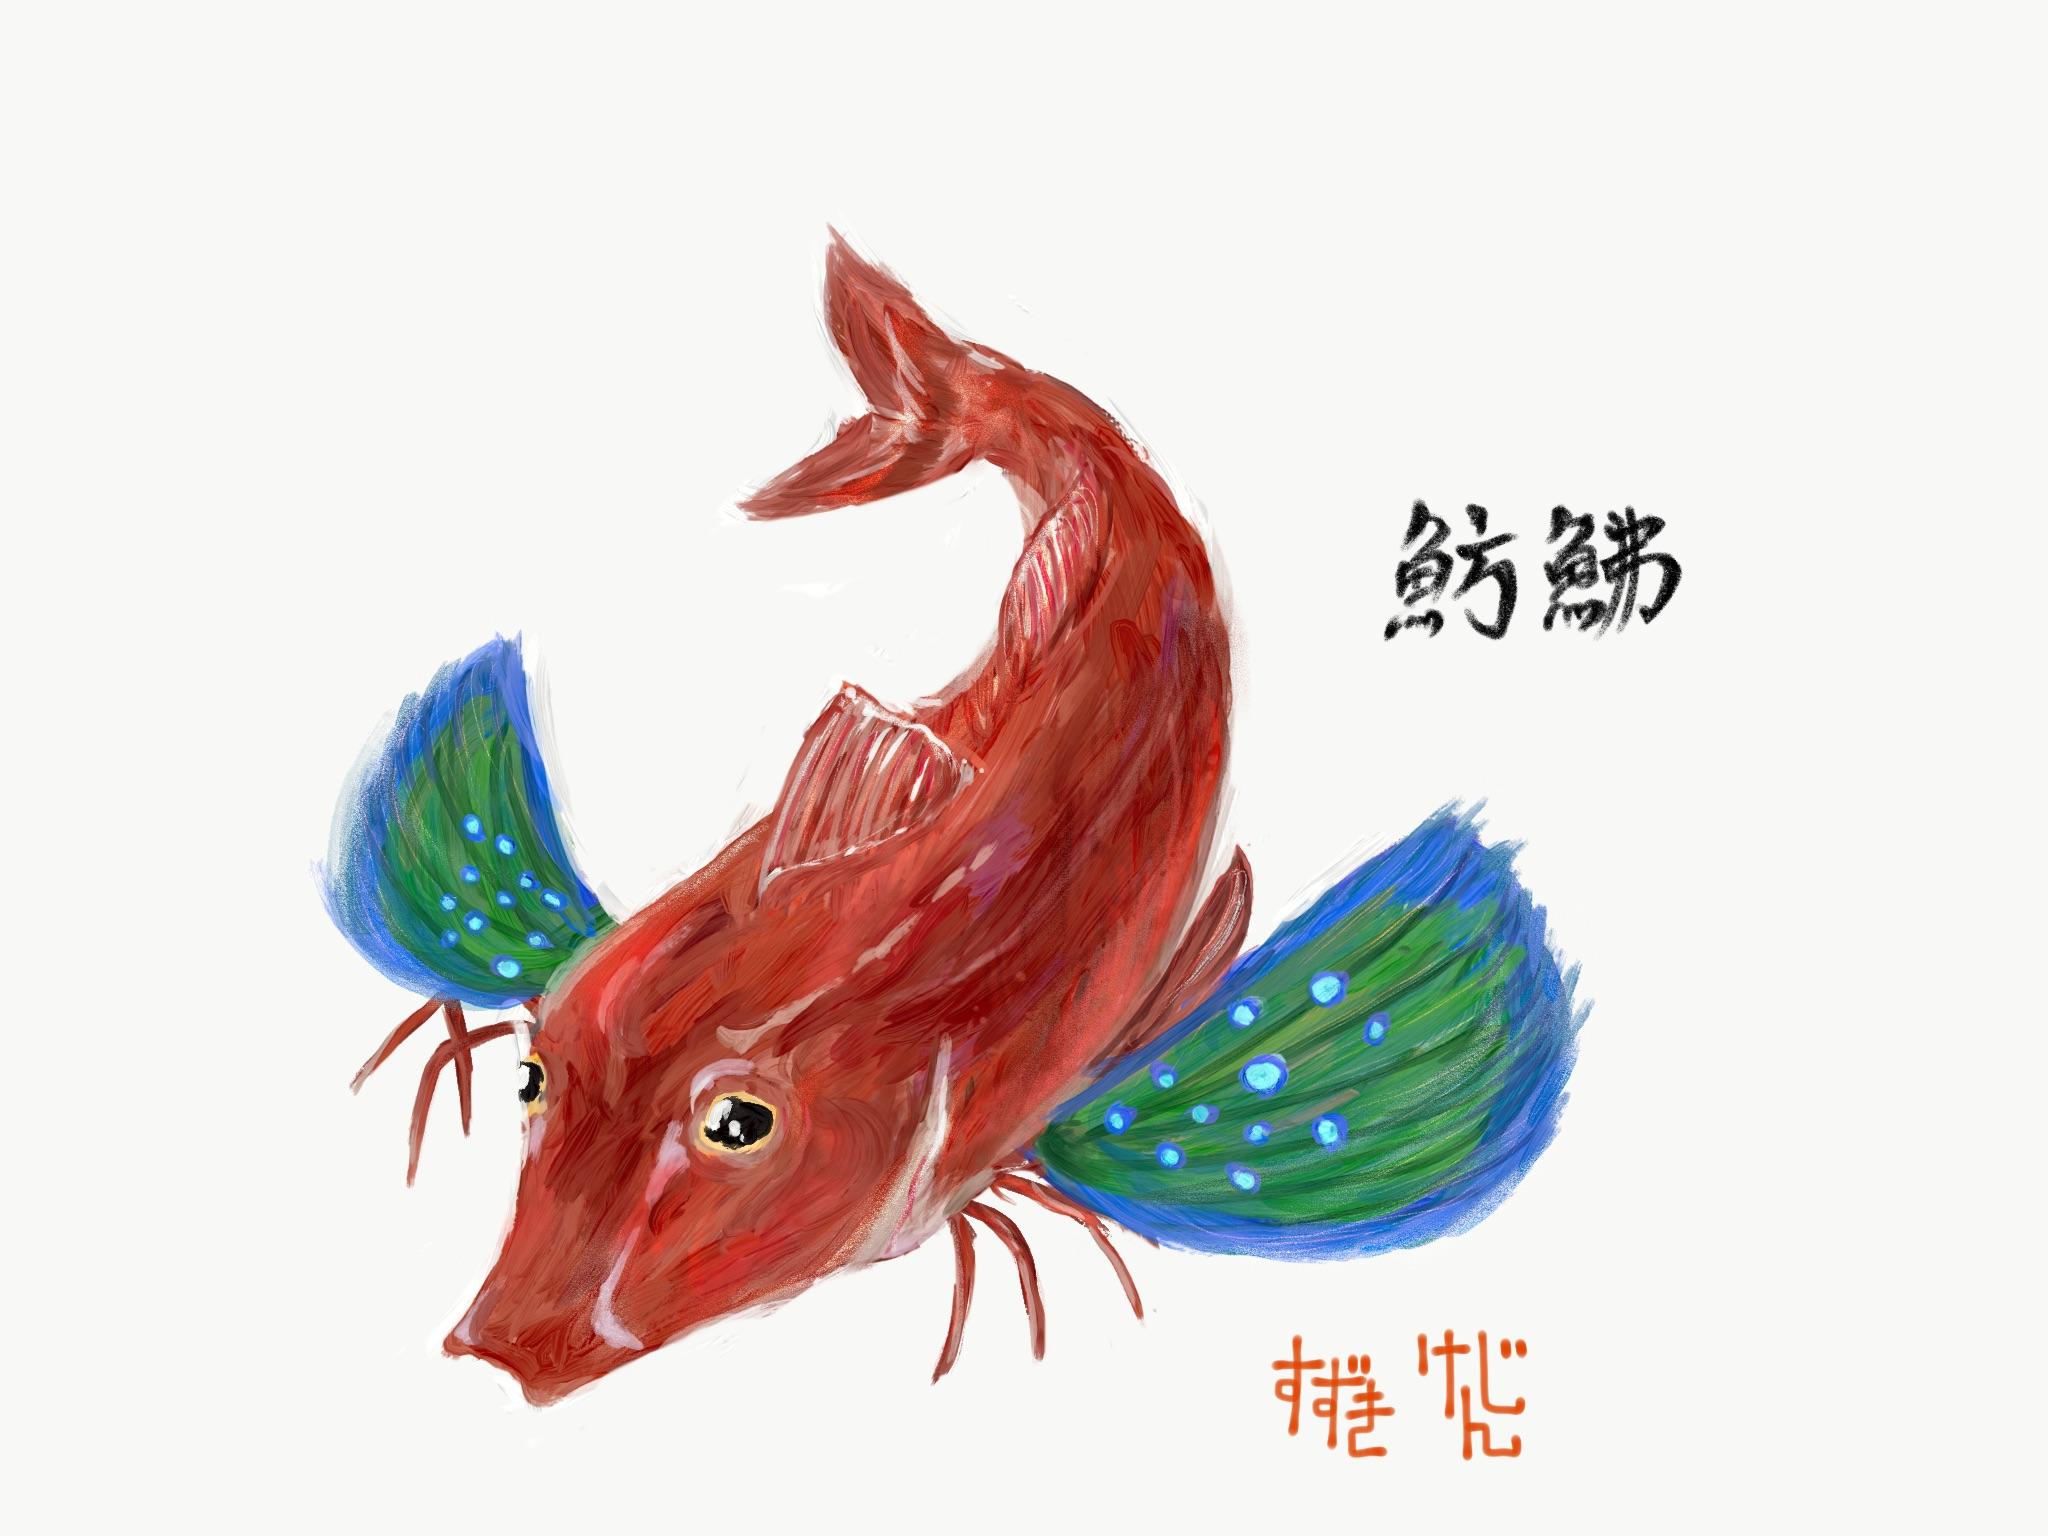 お魚イラスト 初心者の釣りブログ